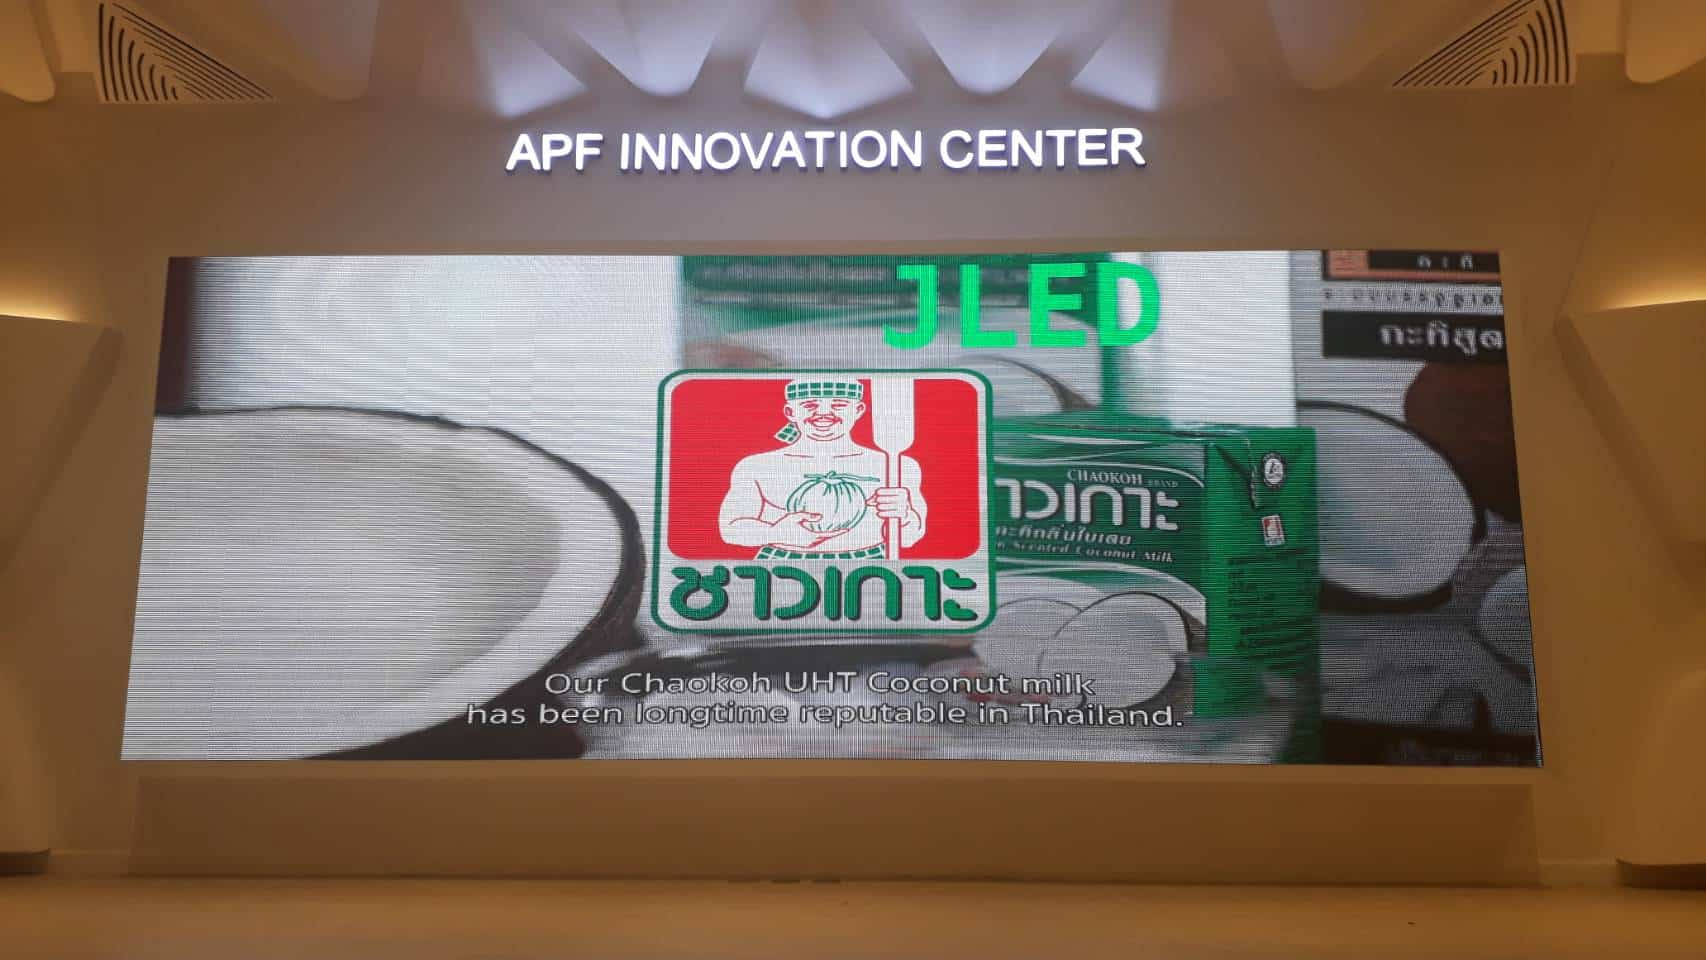 จอled display indoor APF Innovation Center jled